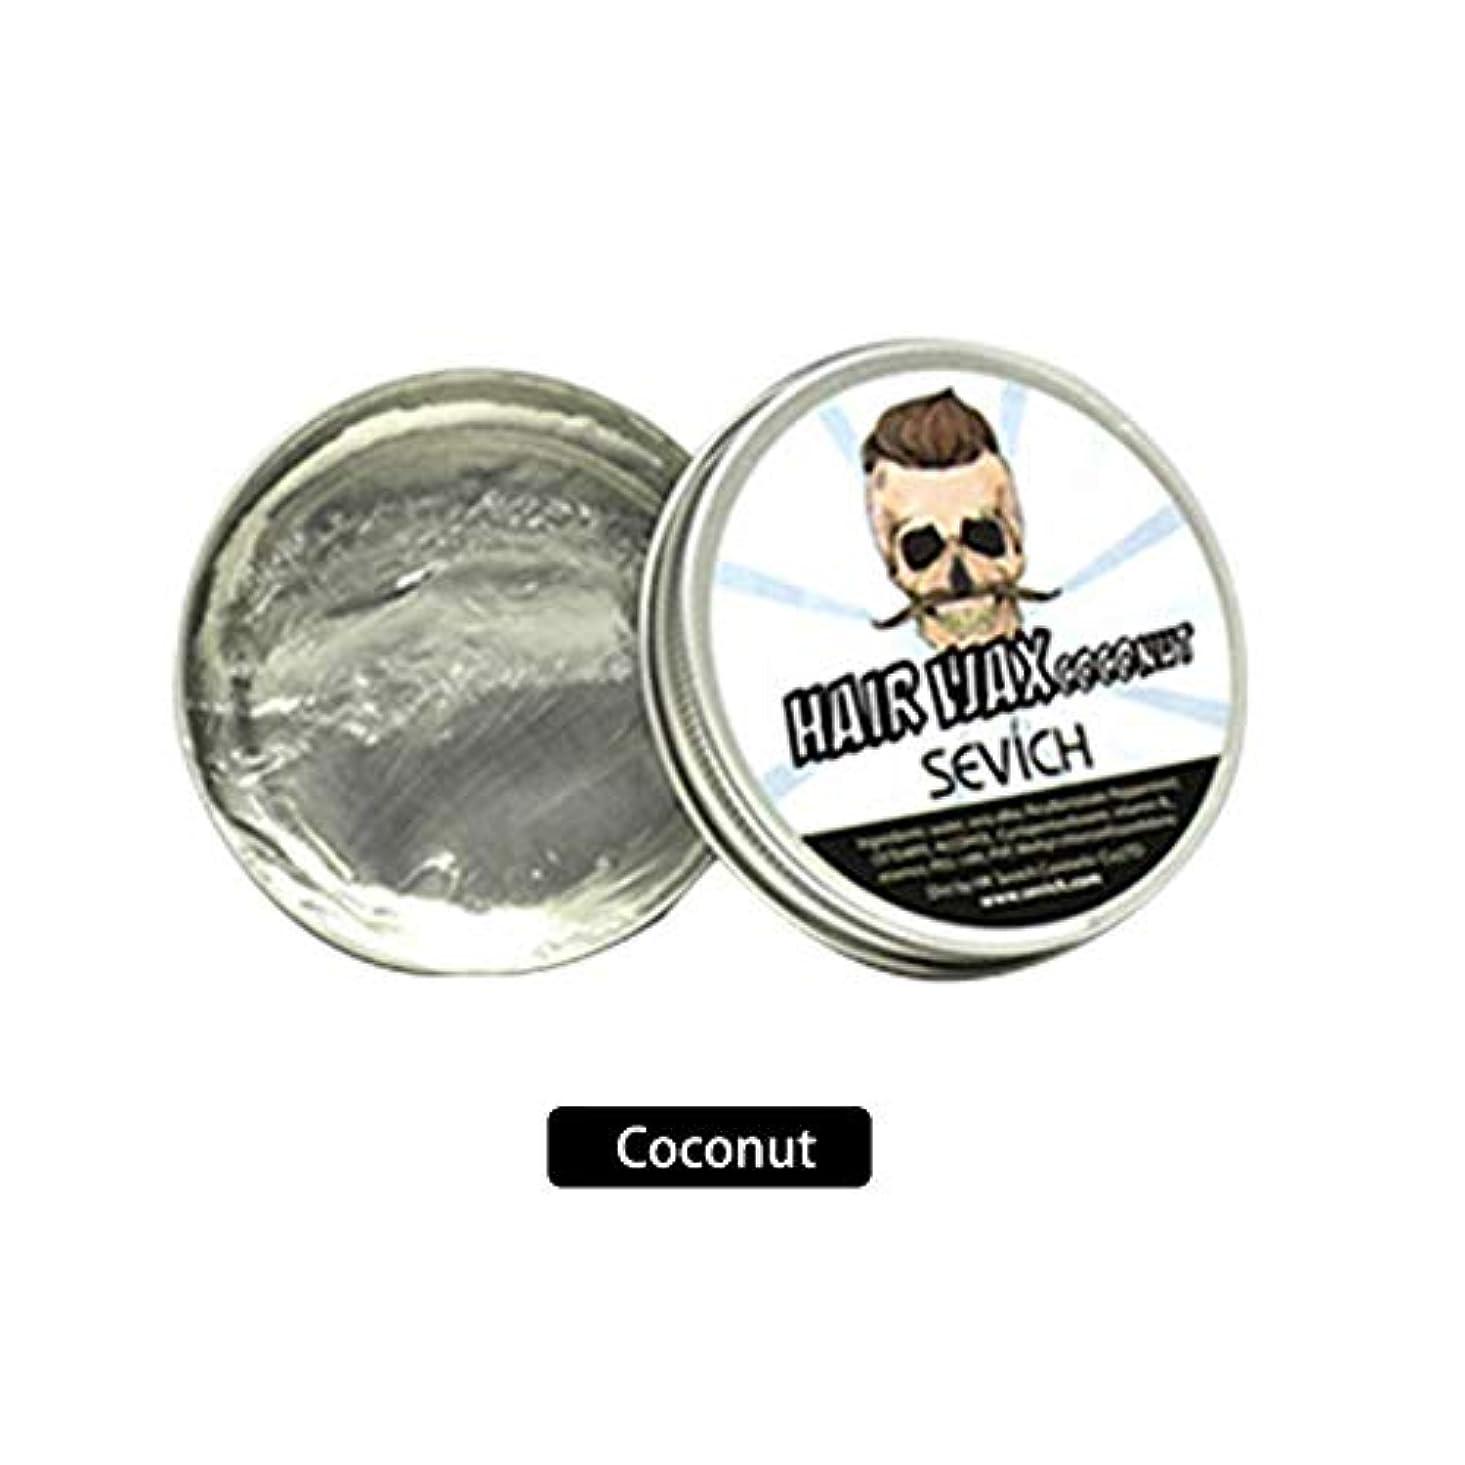 実行可能一般化するログLibeauty メンズヘアワックスヘアクリームクリームソフトで軽い香りメンズ大容量100g